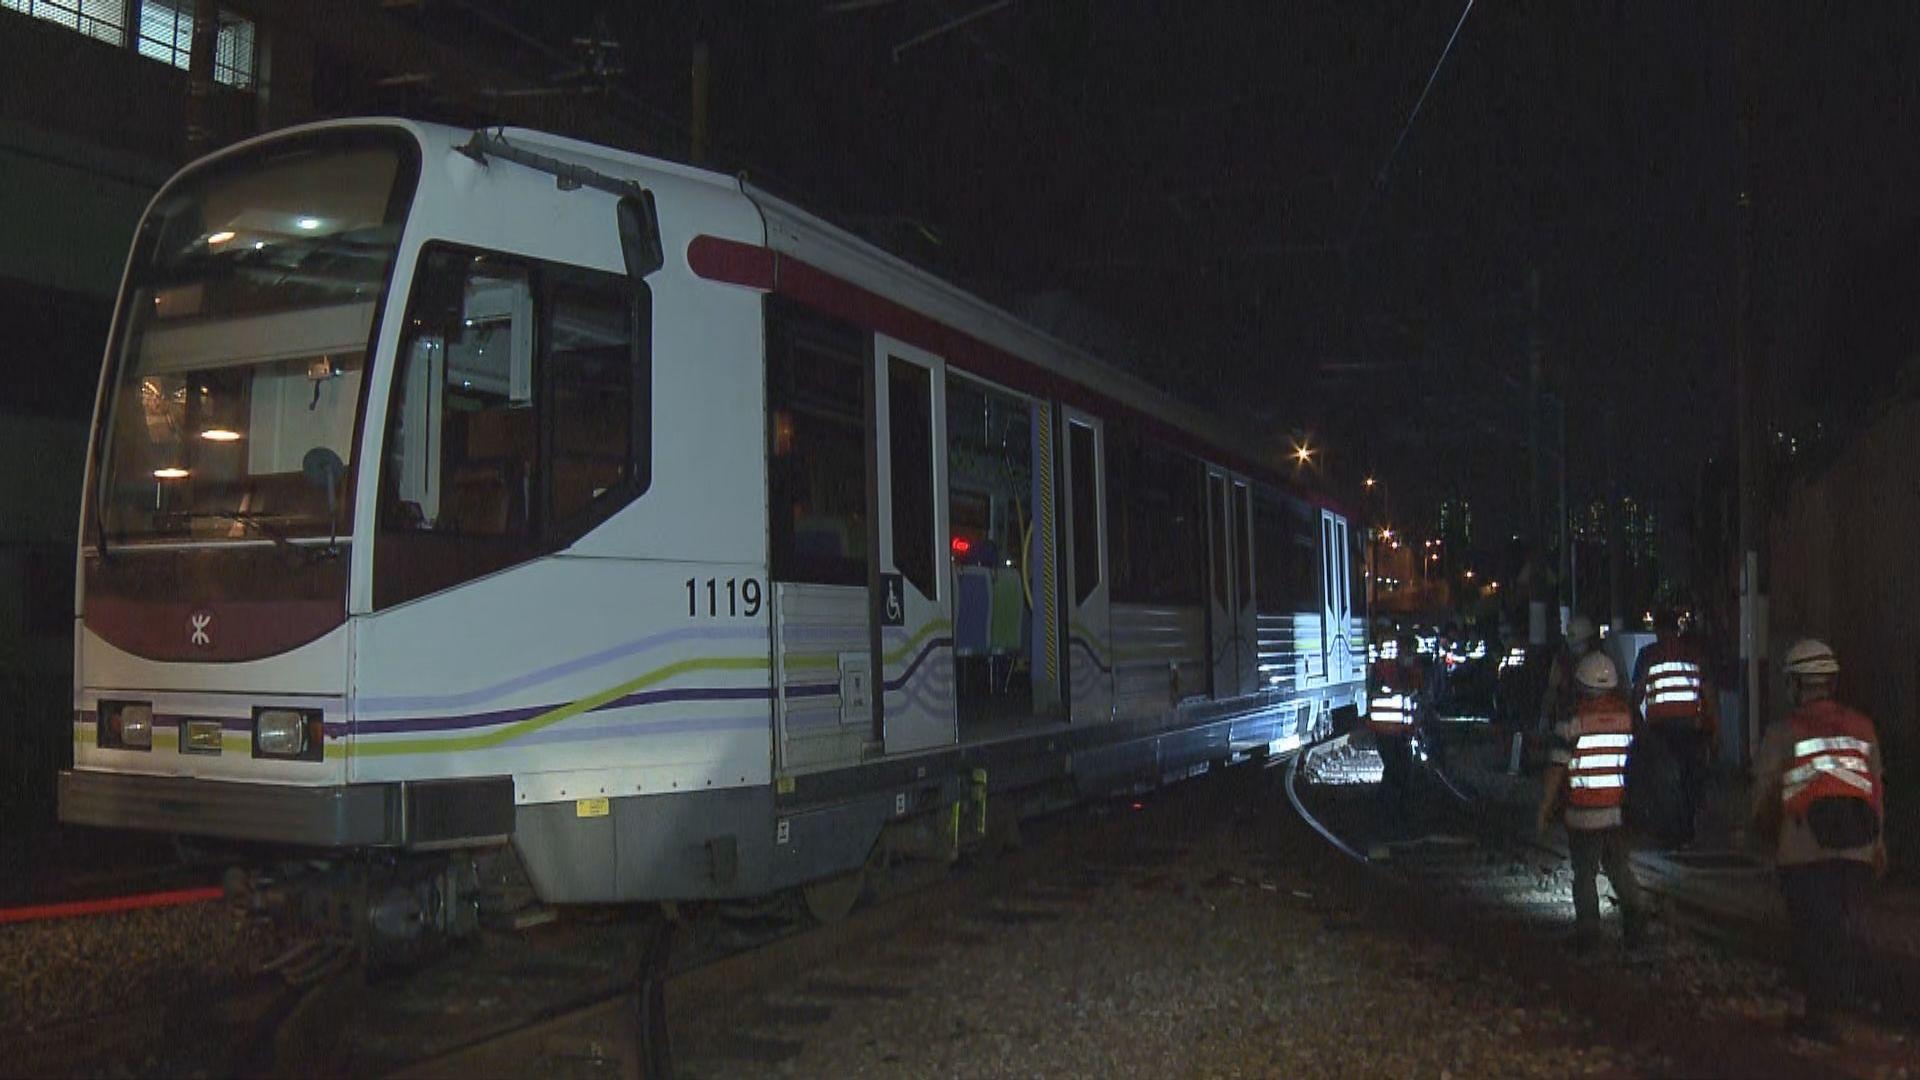 輕鐵兆康站列車出軌 無人受傷